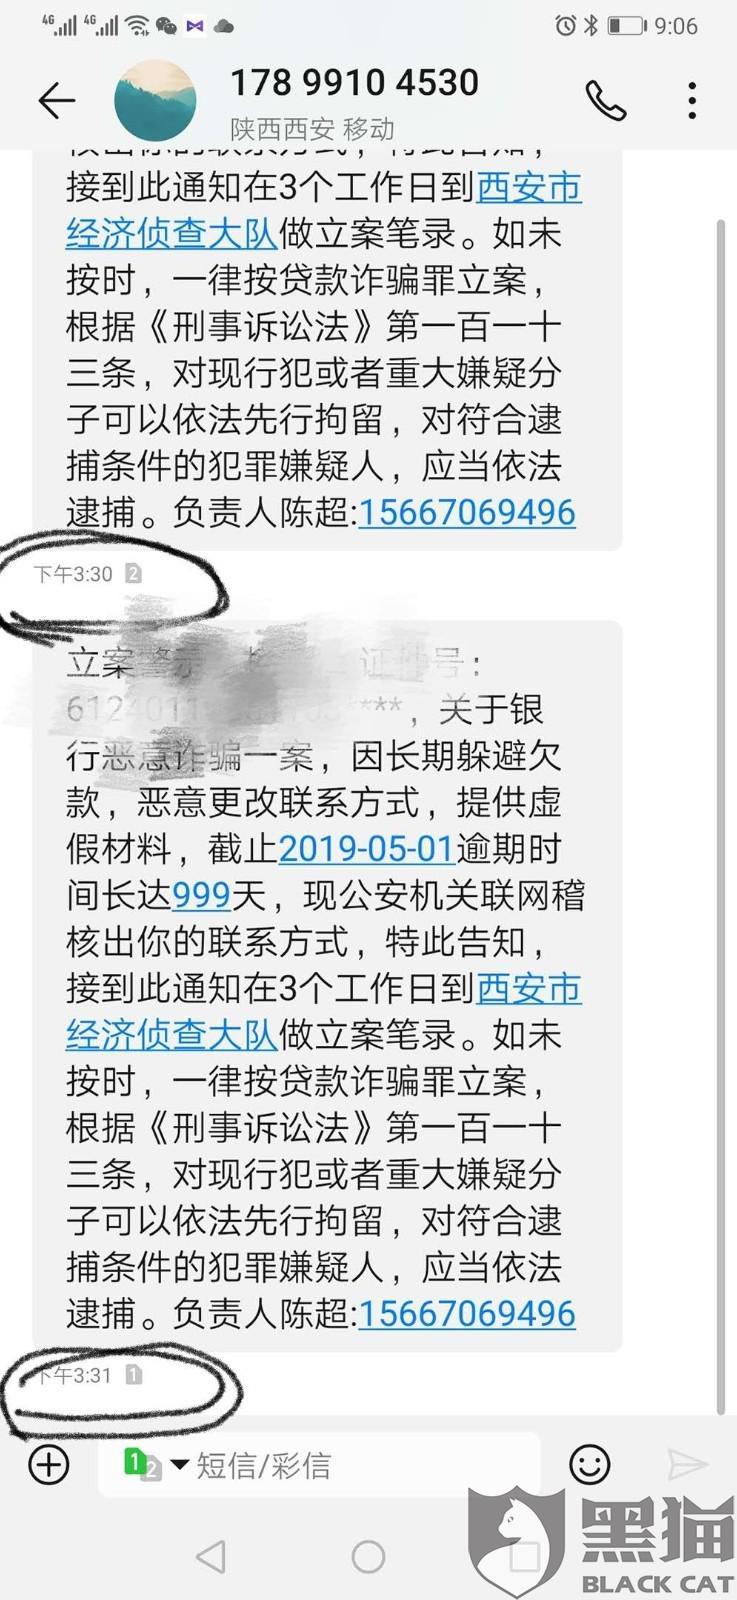 黑猫投诉:    举报平安普惠涉黑涉恶